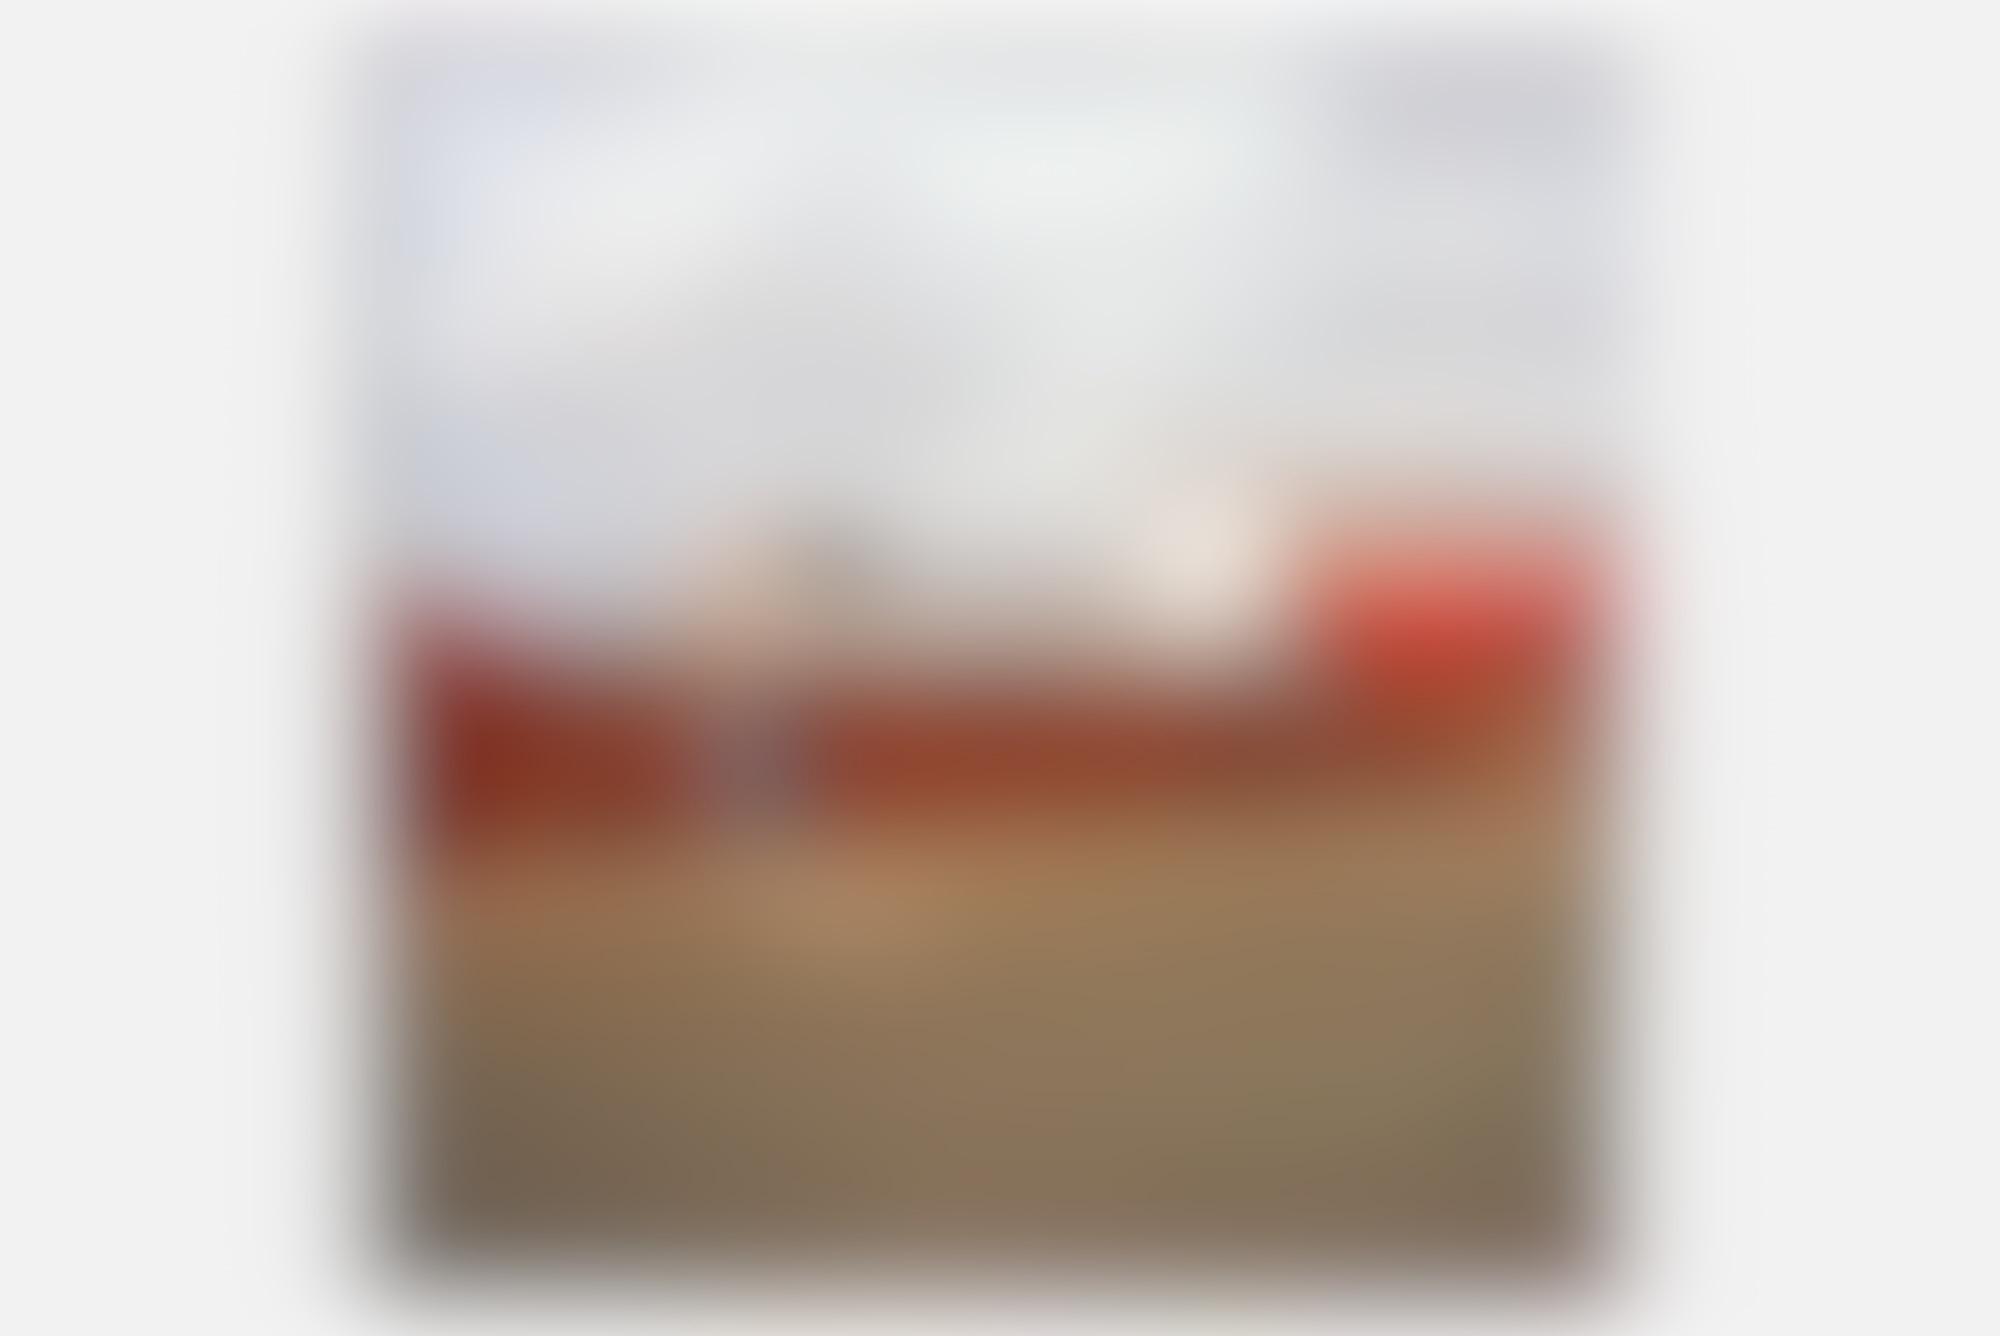 Deandavies LIP 3 autocompressfitresizeixlibphp 1 1 0max h2000max w3 D2000q80s2cebc4f450599fe895231b70f982eb85